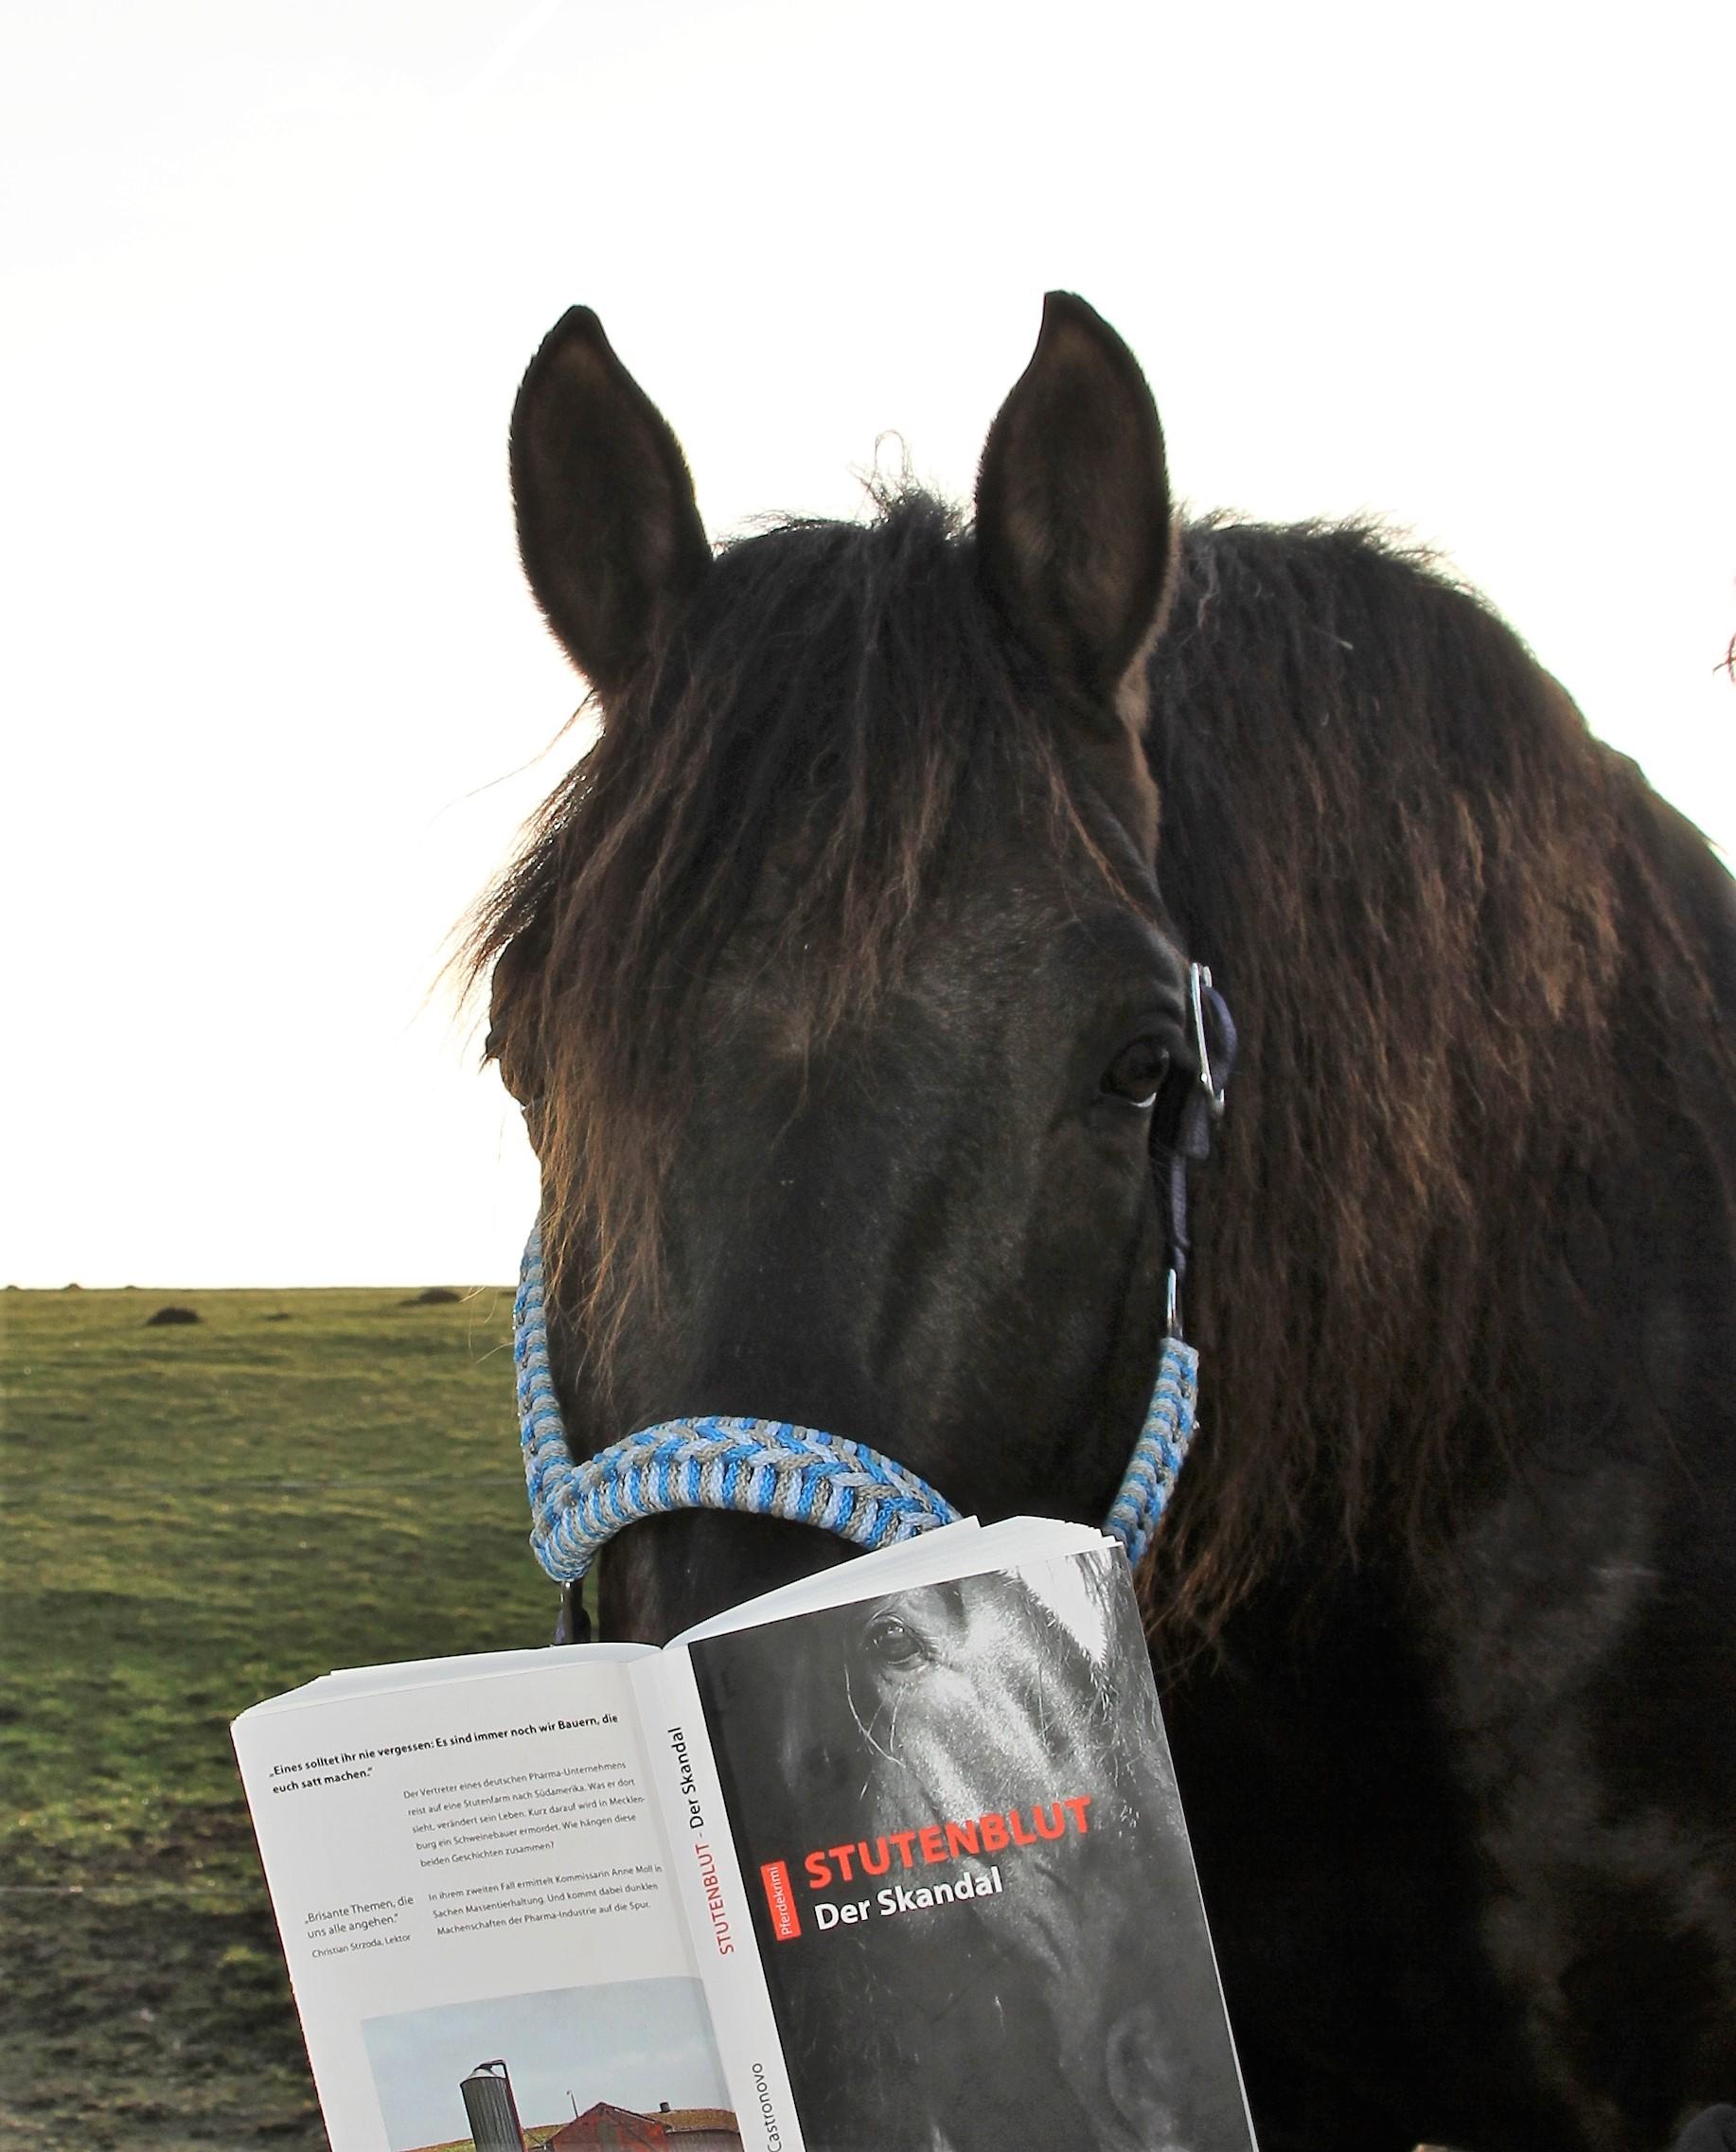 Lucero hält seine Nase in ein Buch und tut so, als könne er lesen